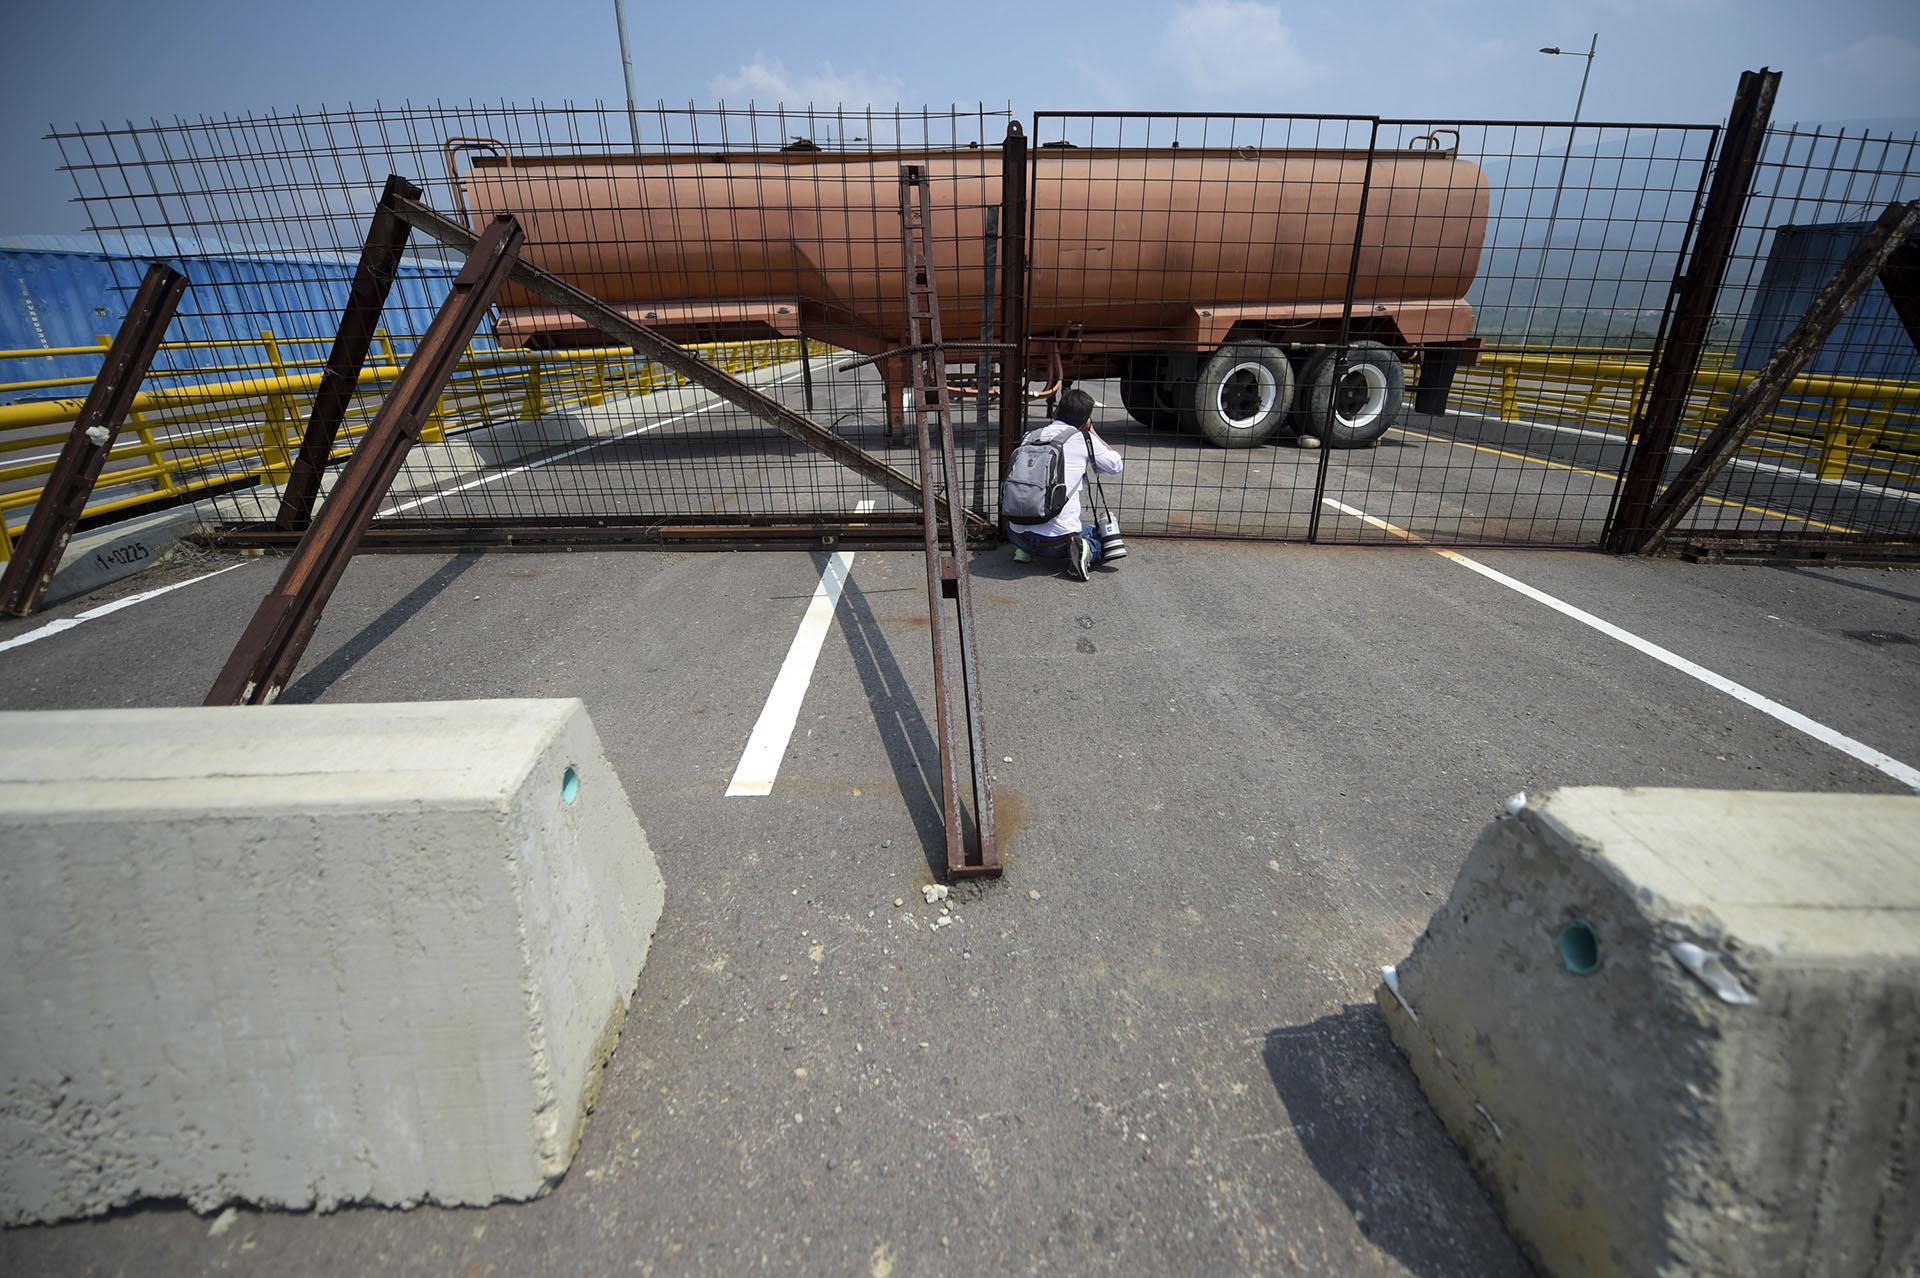 El puente de Tienditas une la colombiana ciudad de Cúcuta con la venezolana de Ureña, en el estado Táchira, y es una de las promesas de la integración entre los dos países